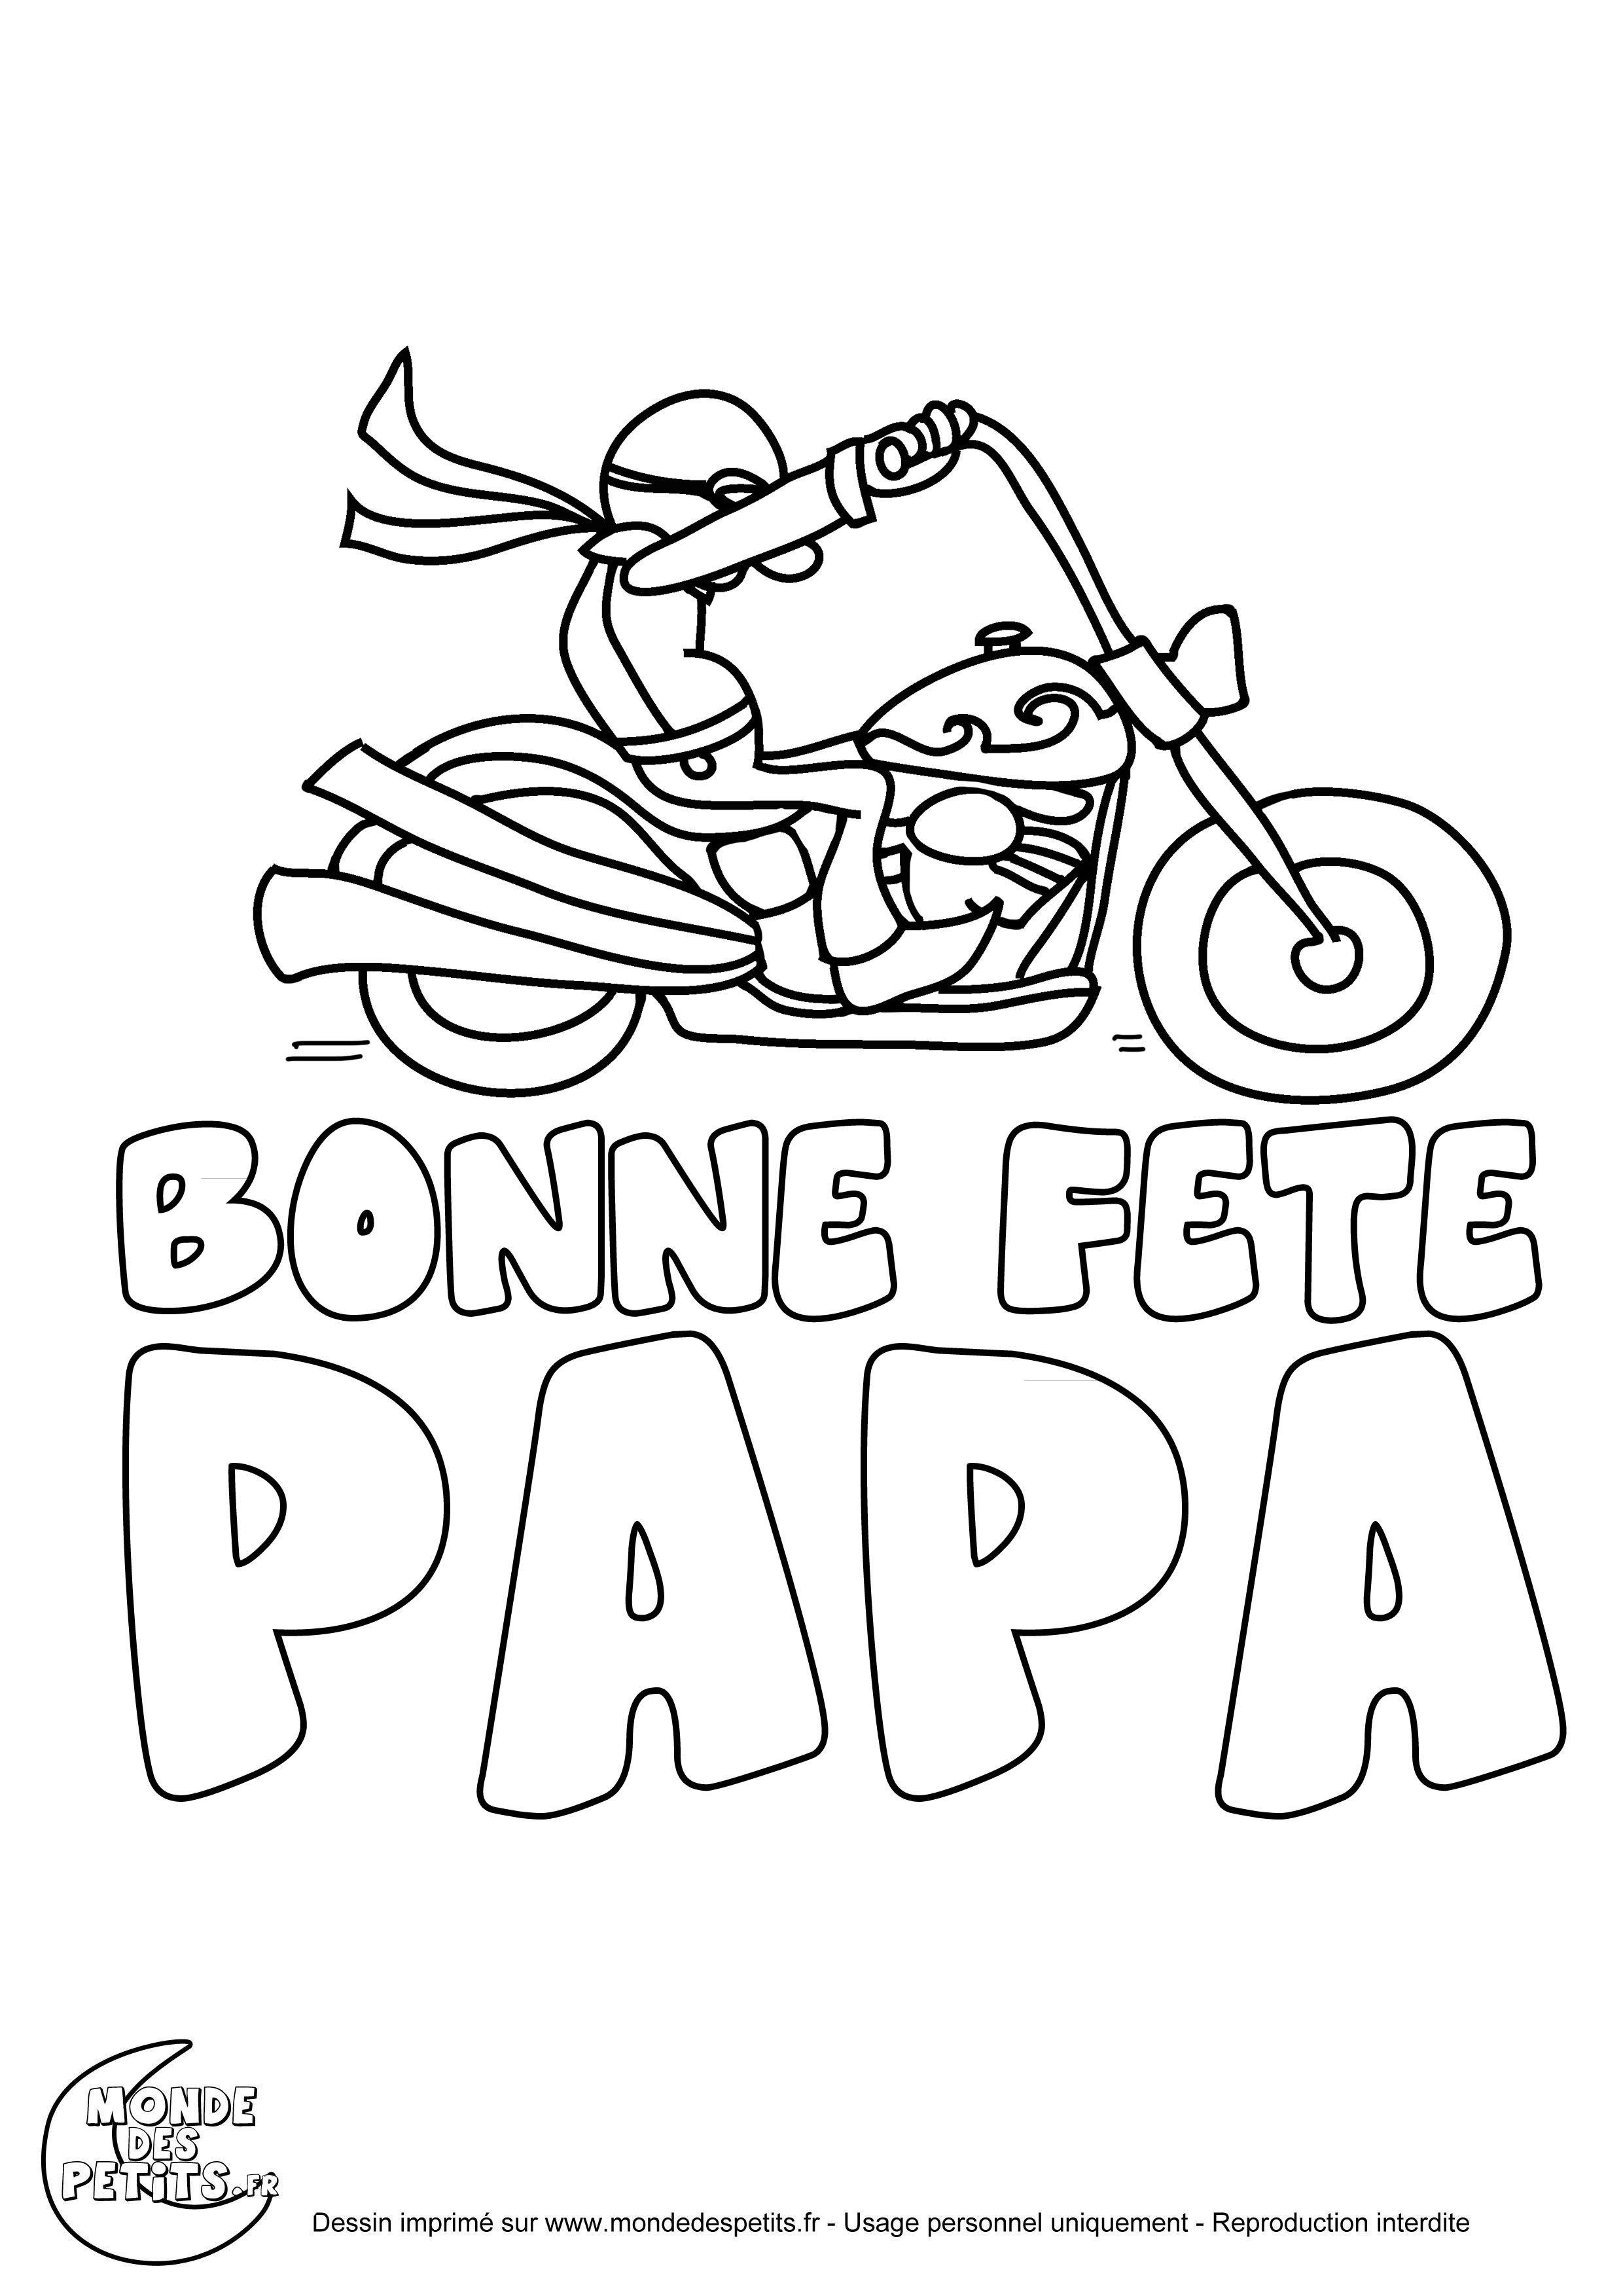 Coloriage Moto Fête Des Pères | Coloriage Fete Des Peres encequiconcerne Coloriage Fete Des Peres